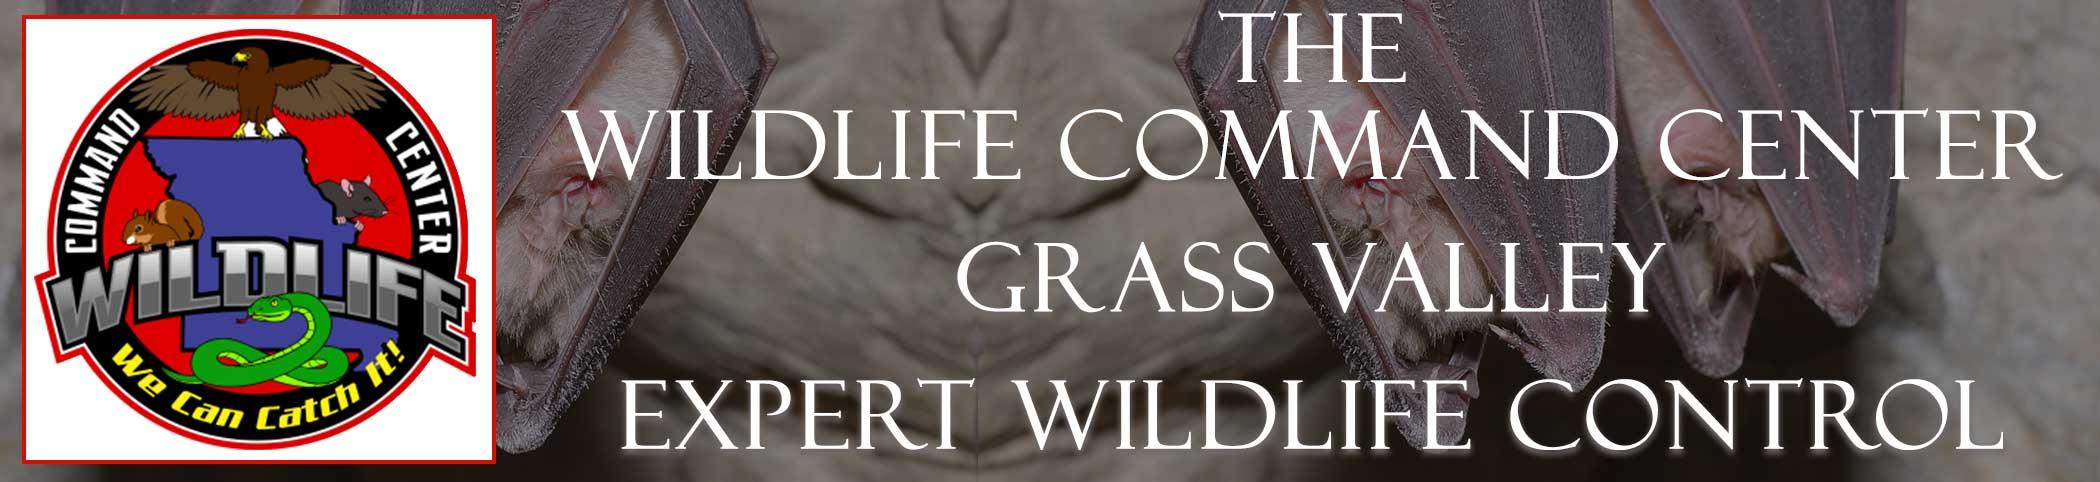 grass-valley-wildlife-command-center